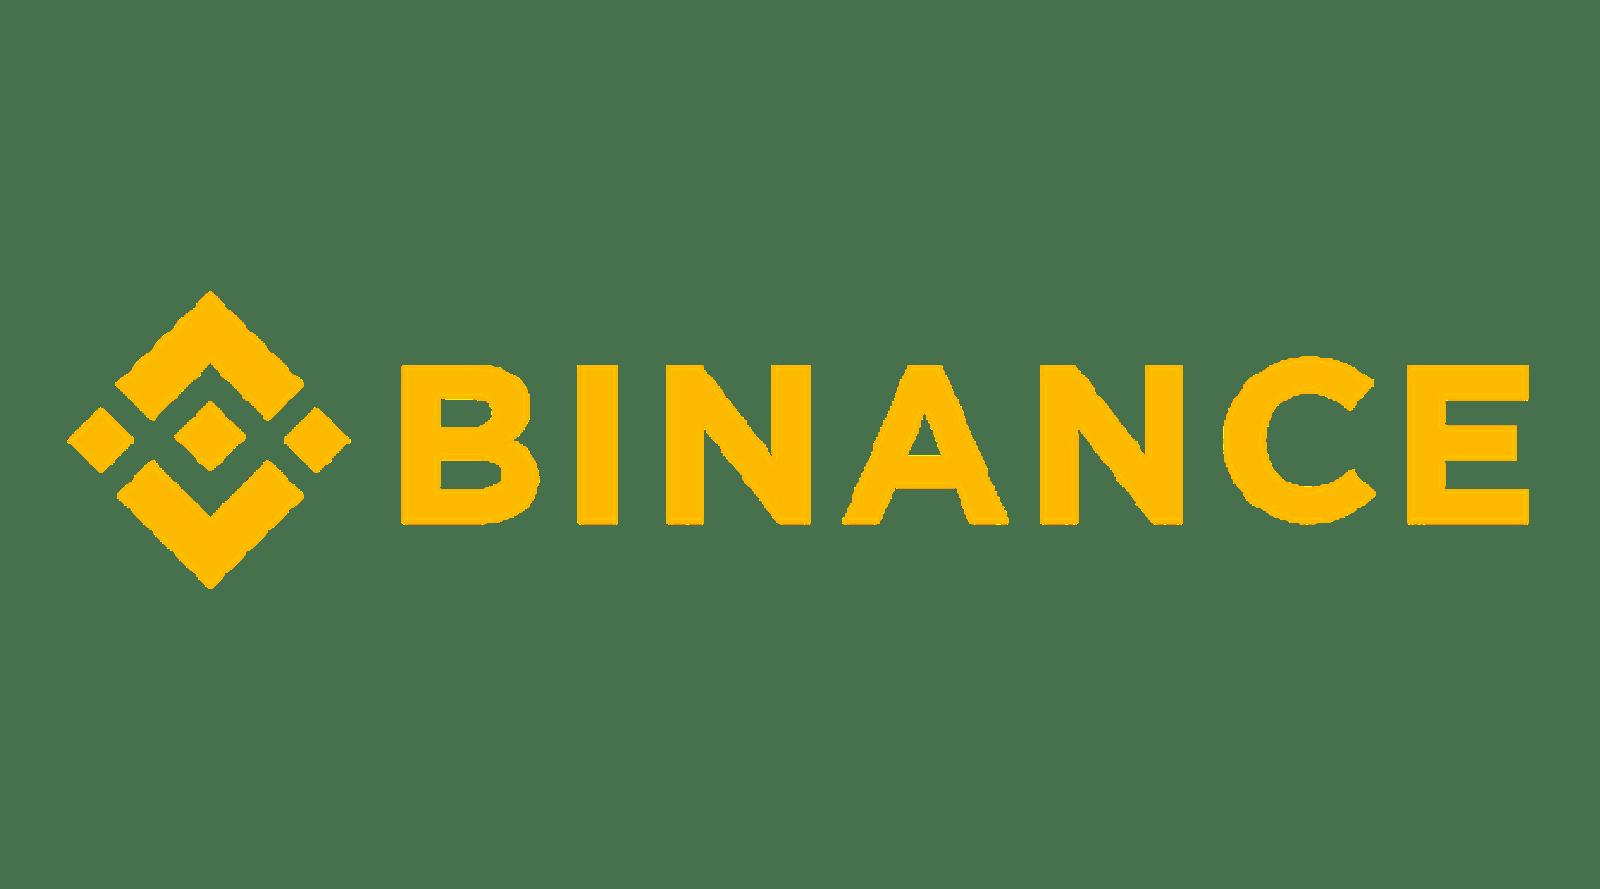 เหรียญคริปโตที่น่าลงทุนปี 2021 Binance